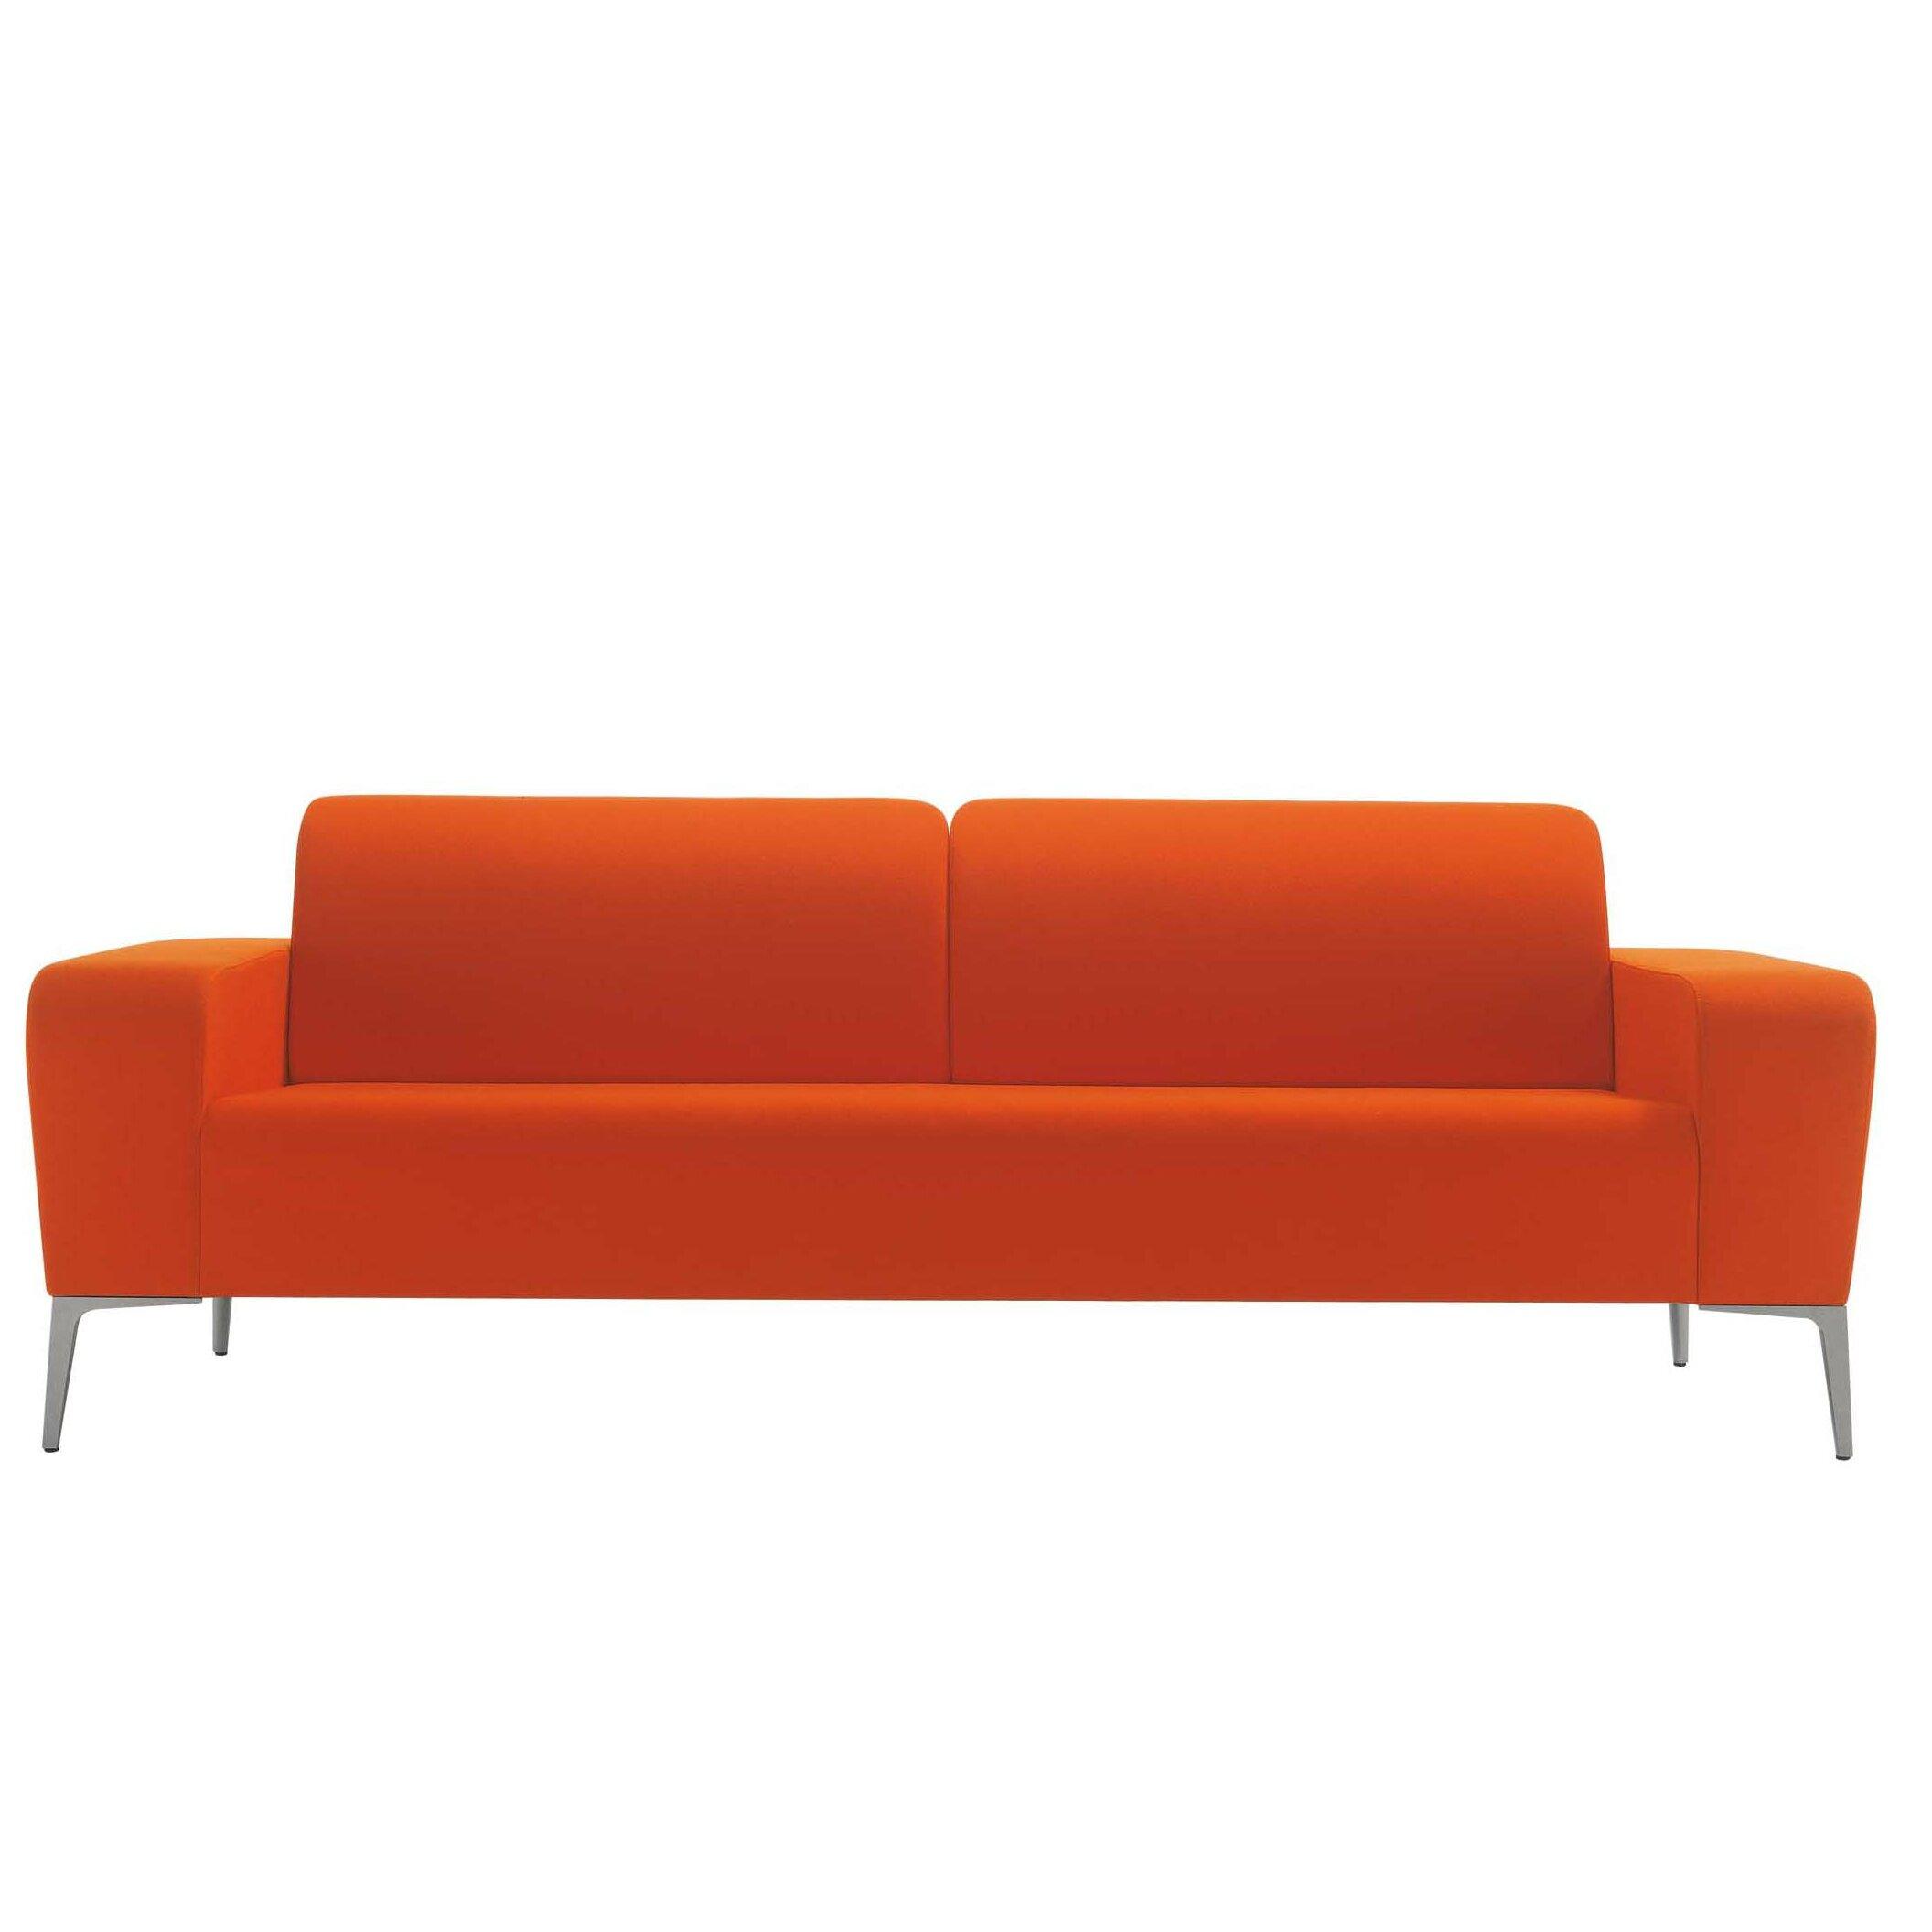 Segis u s ka maxi 3 seat sofa wayfair - Sofas ka internacional ...